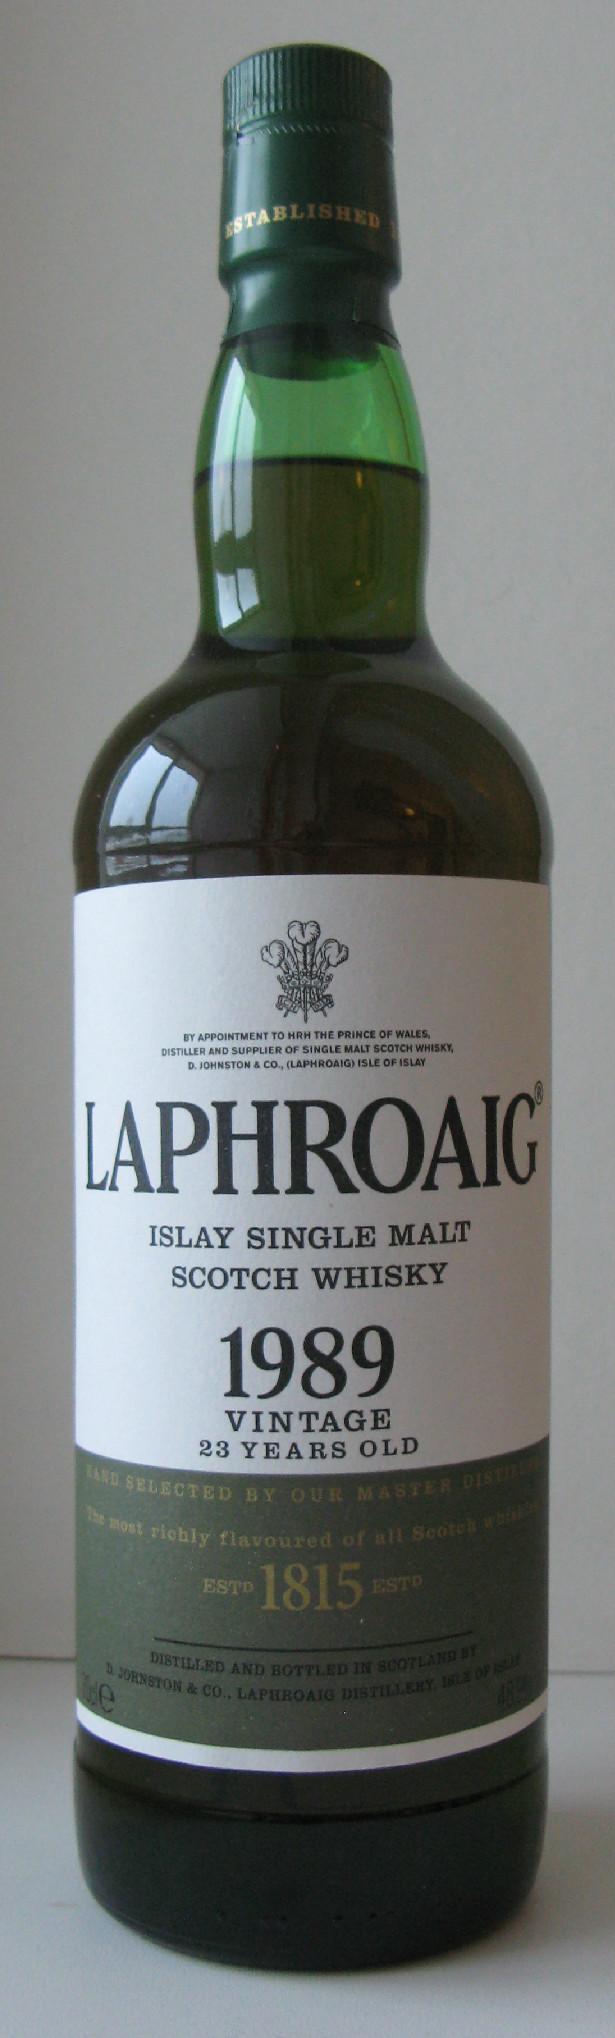 laphroaig-1989